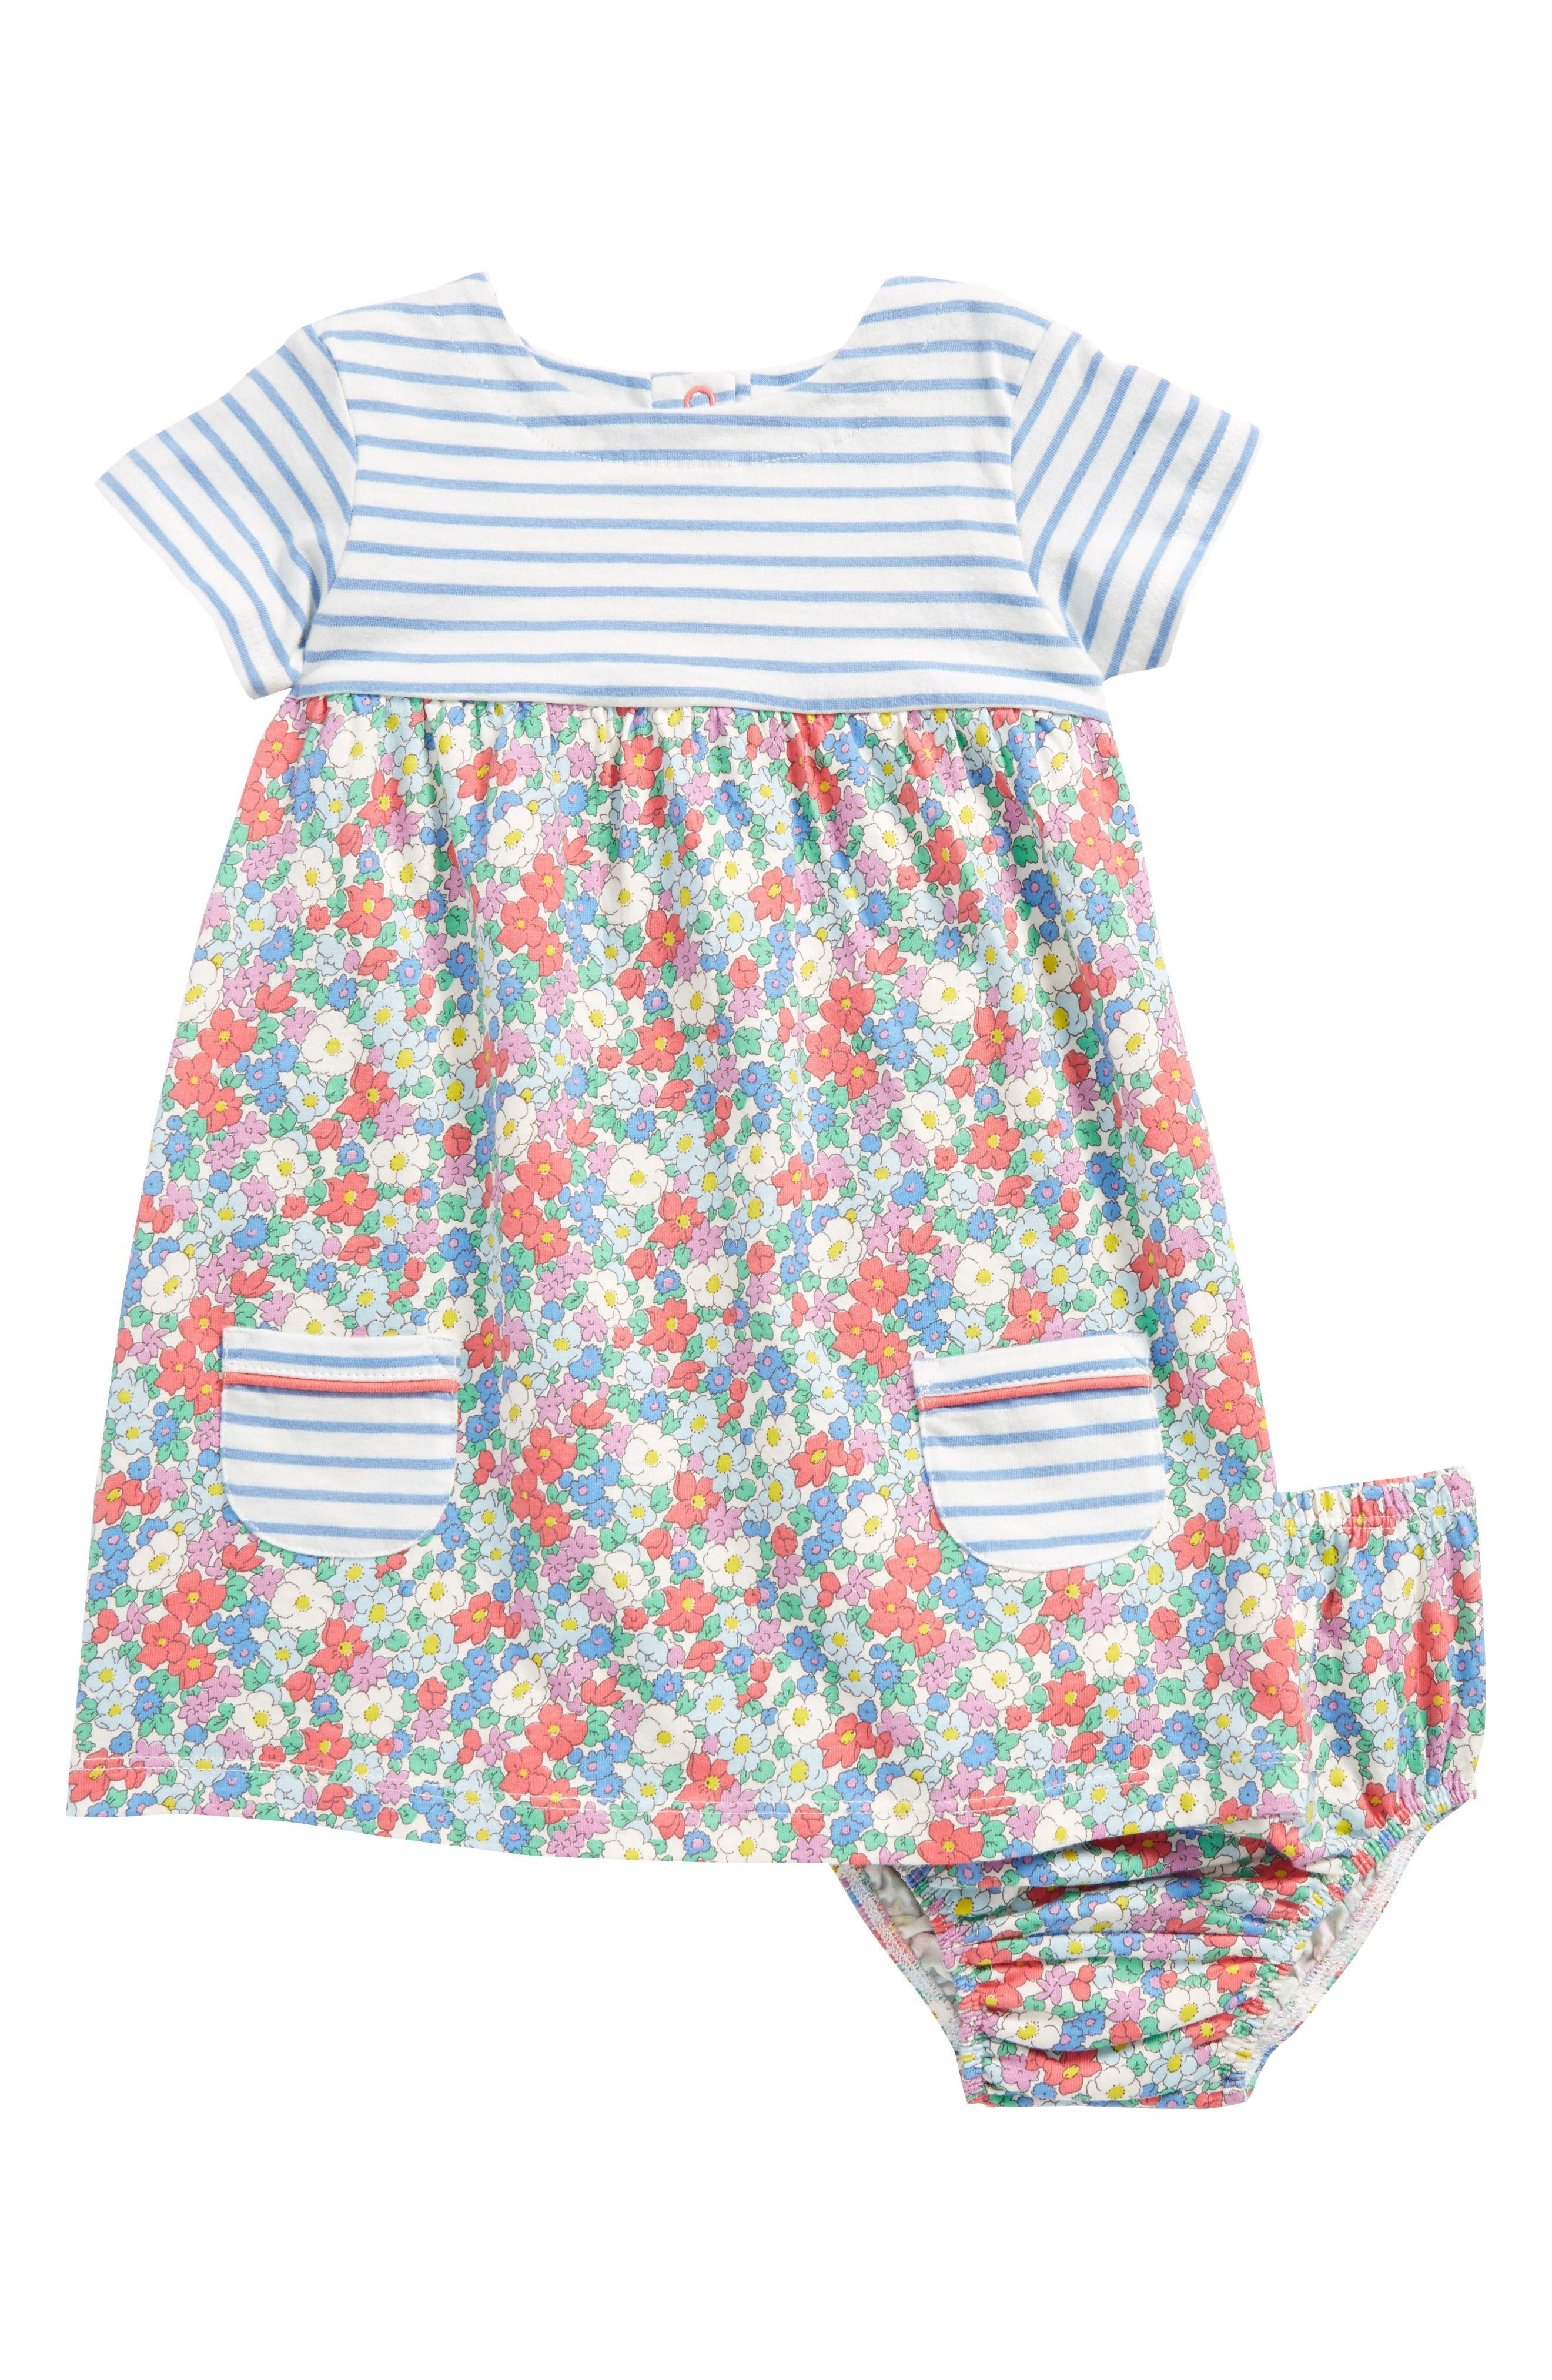 Hotchpotch Dress,                         Main,                         color, Vintage Floral